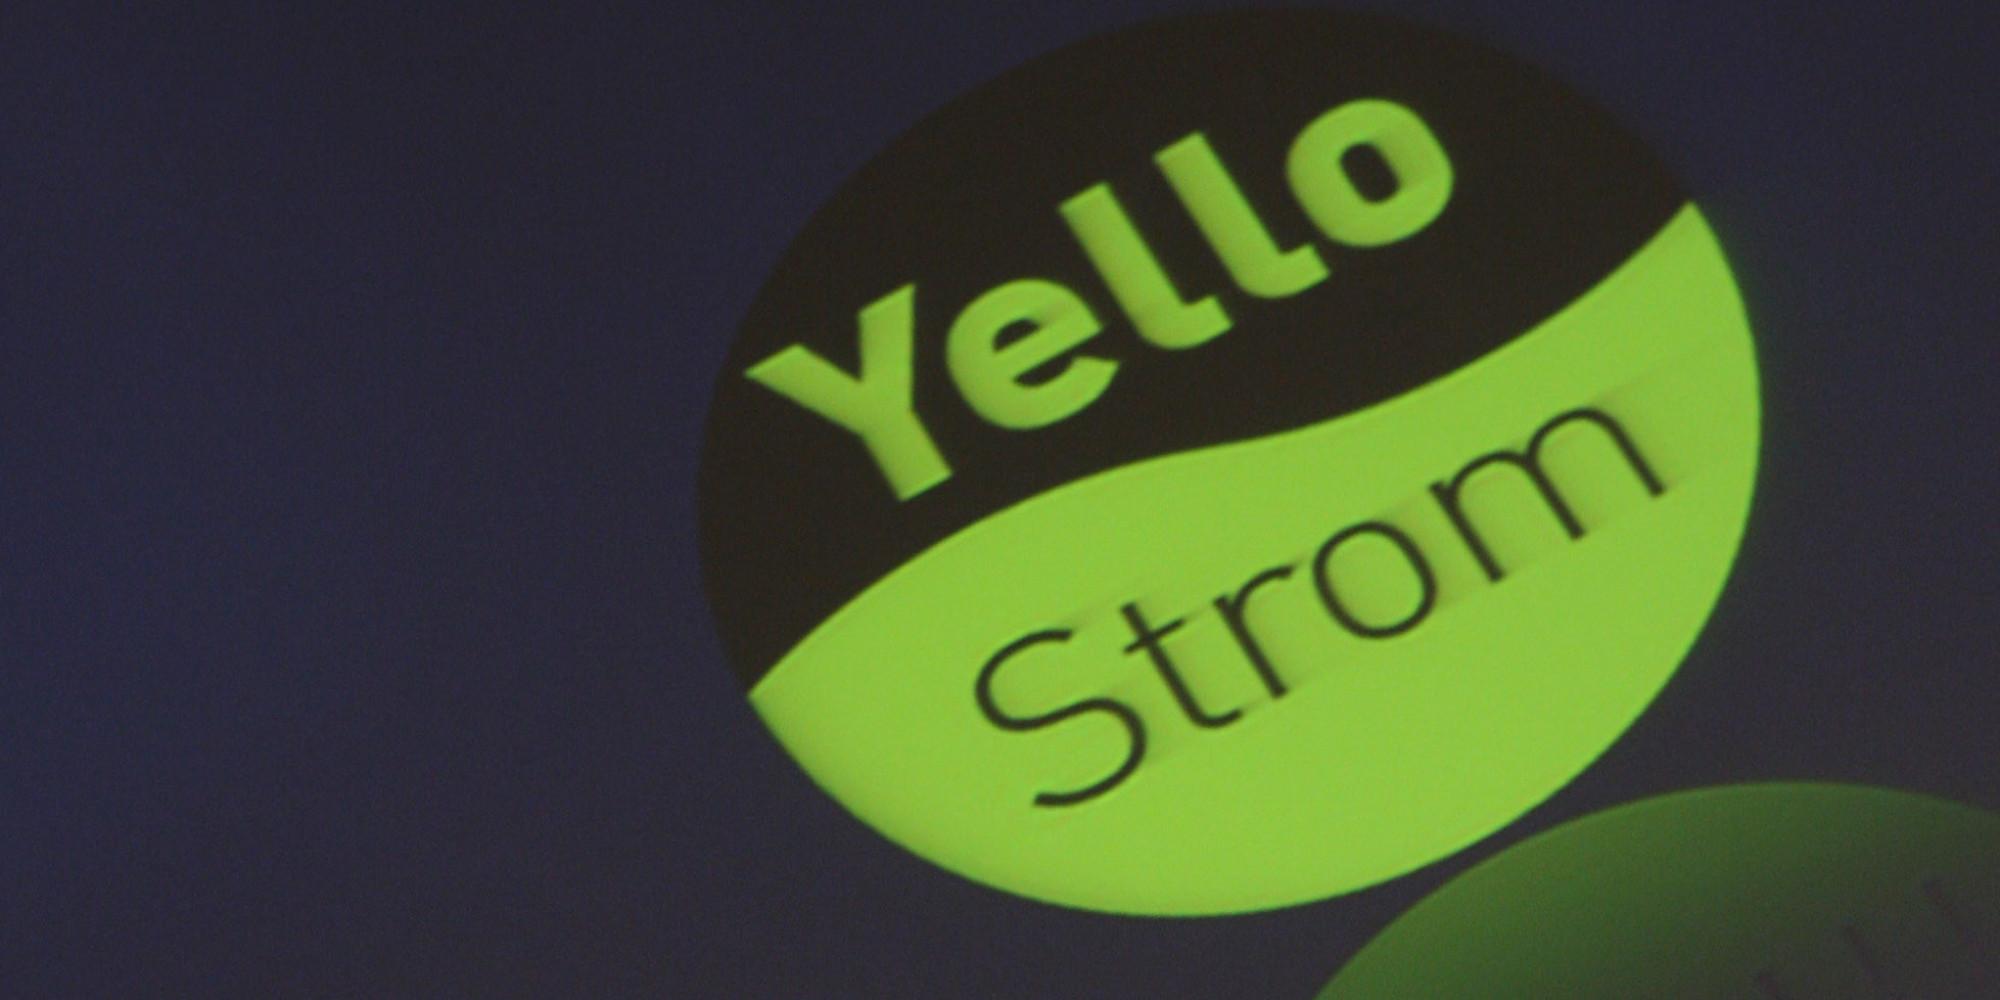 yello strom ist der beliebteste stromanbieter der deutschen. Black Bedroom Furniture Sets. Home Design Ideas